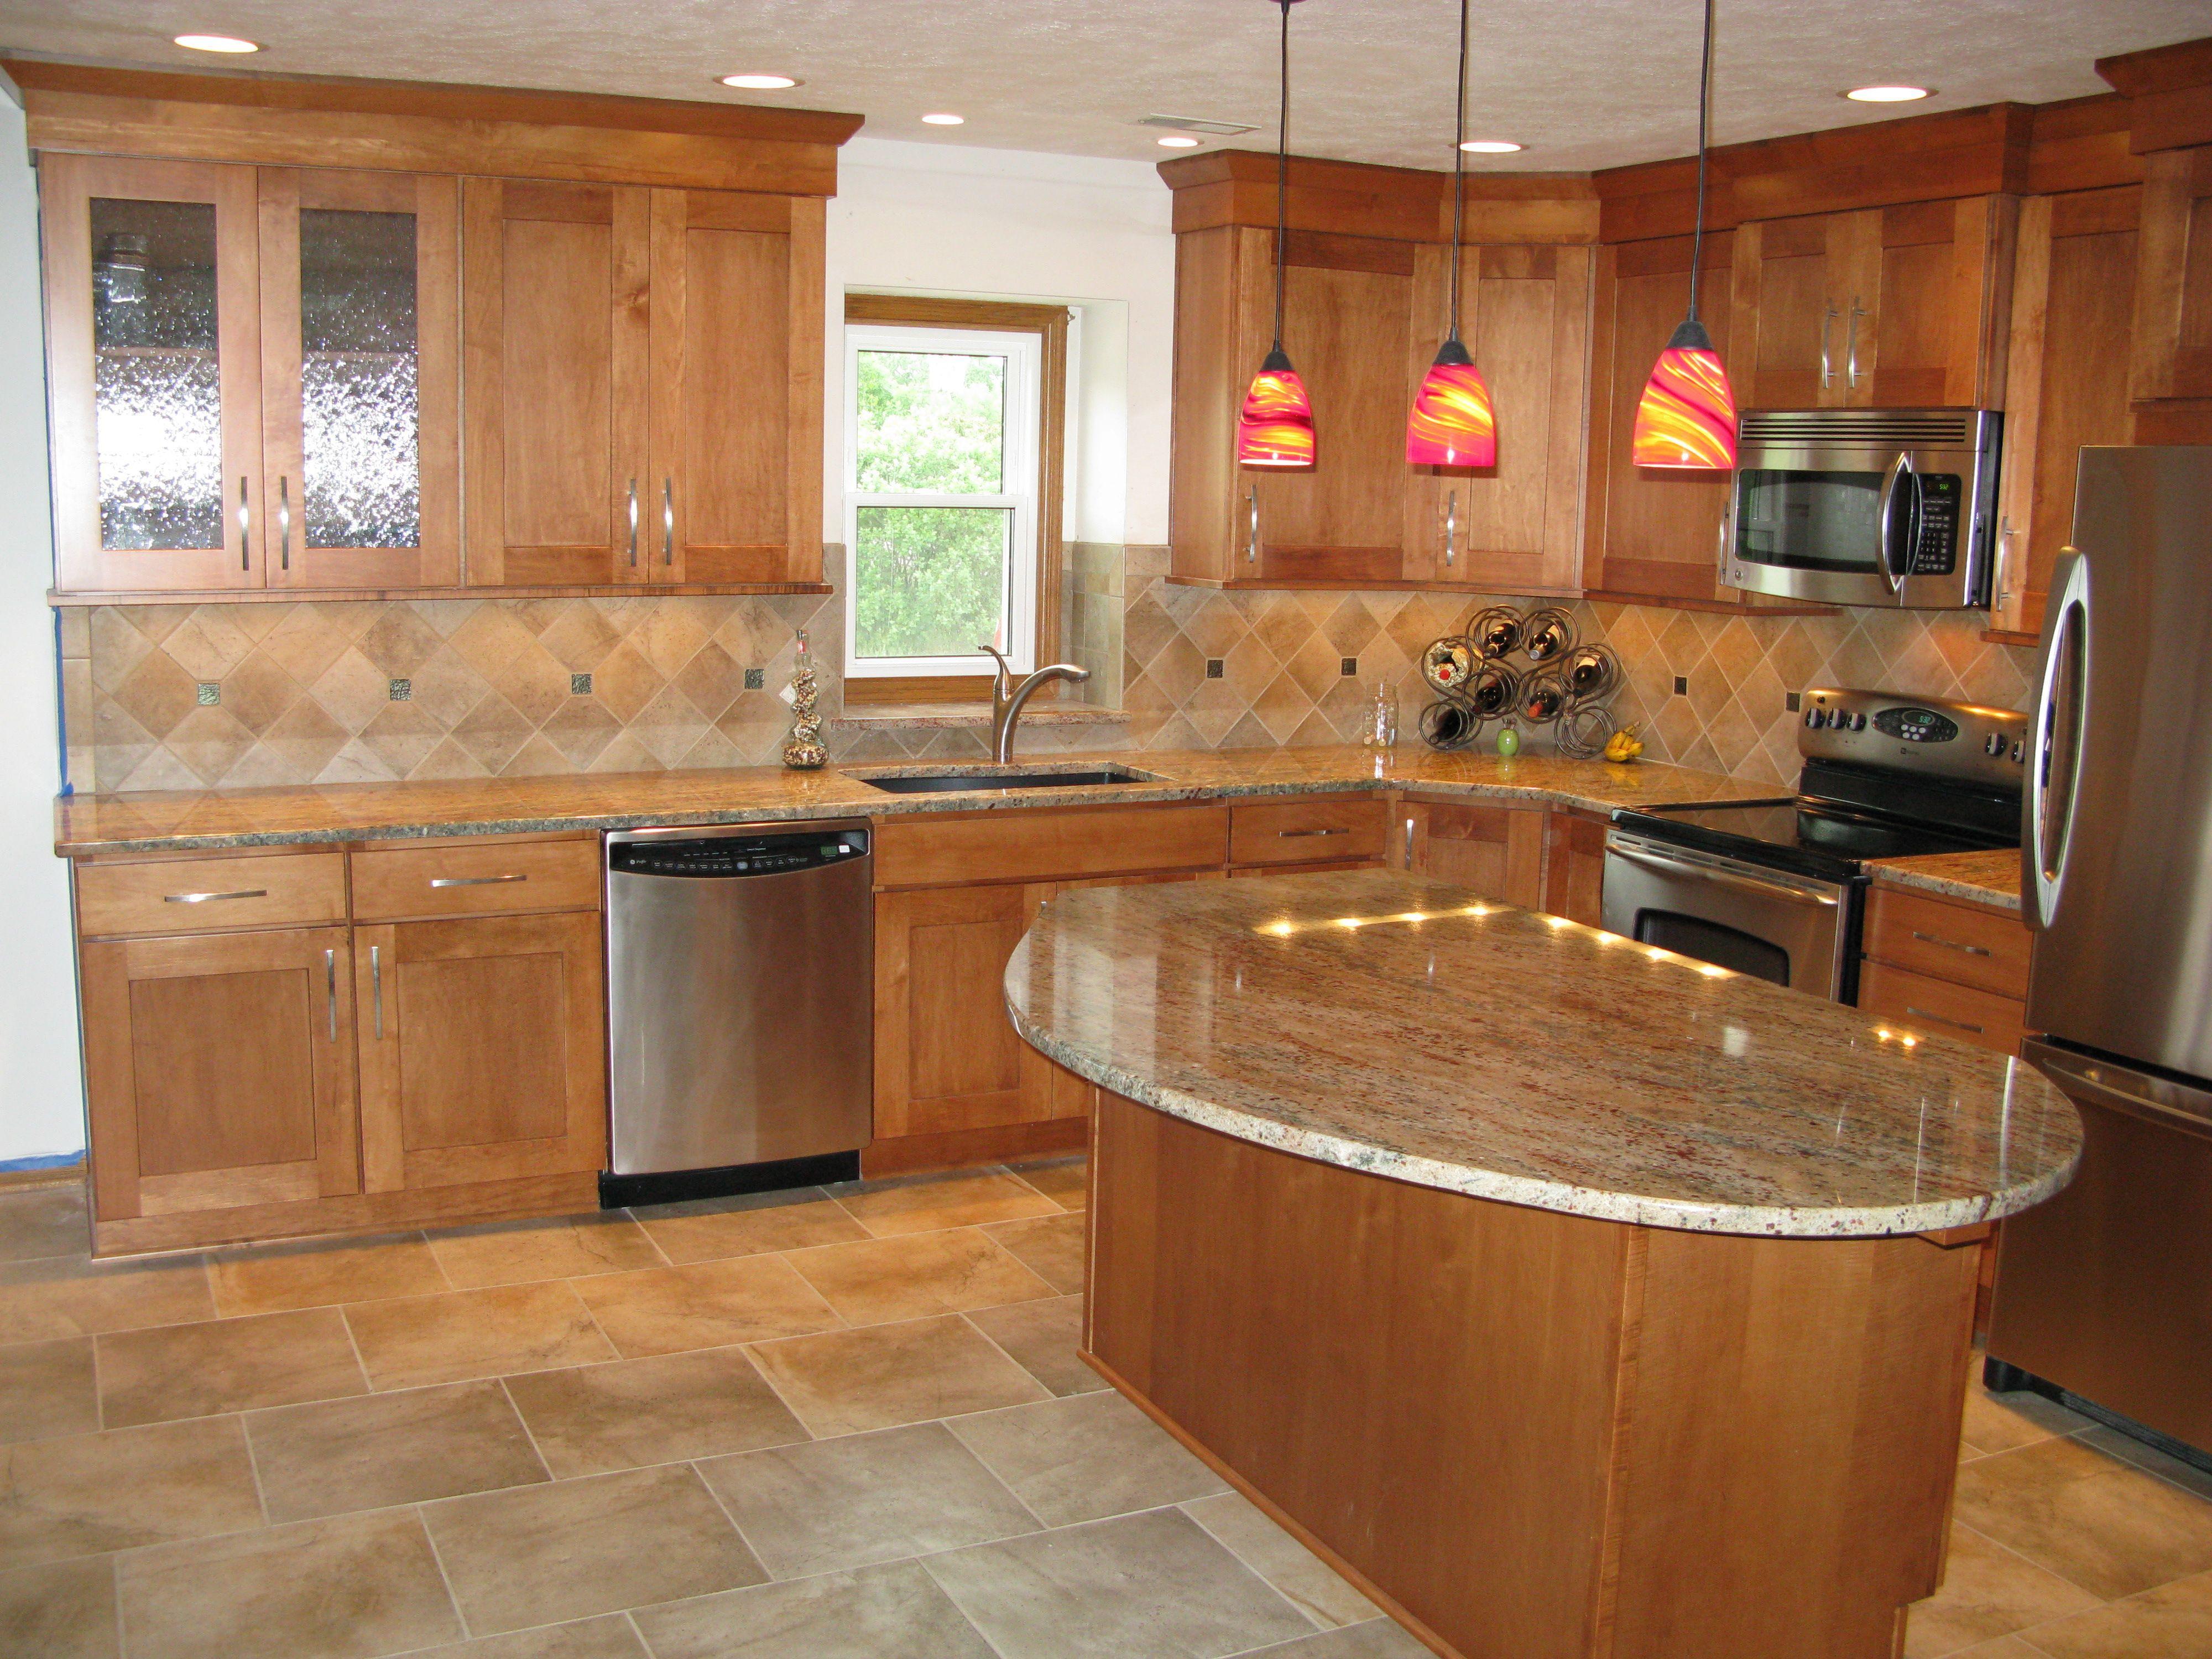 Kitchenremodelomaha Kitchen Design Kitchen Remodel Kitchen Remodel Small